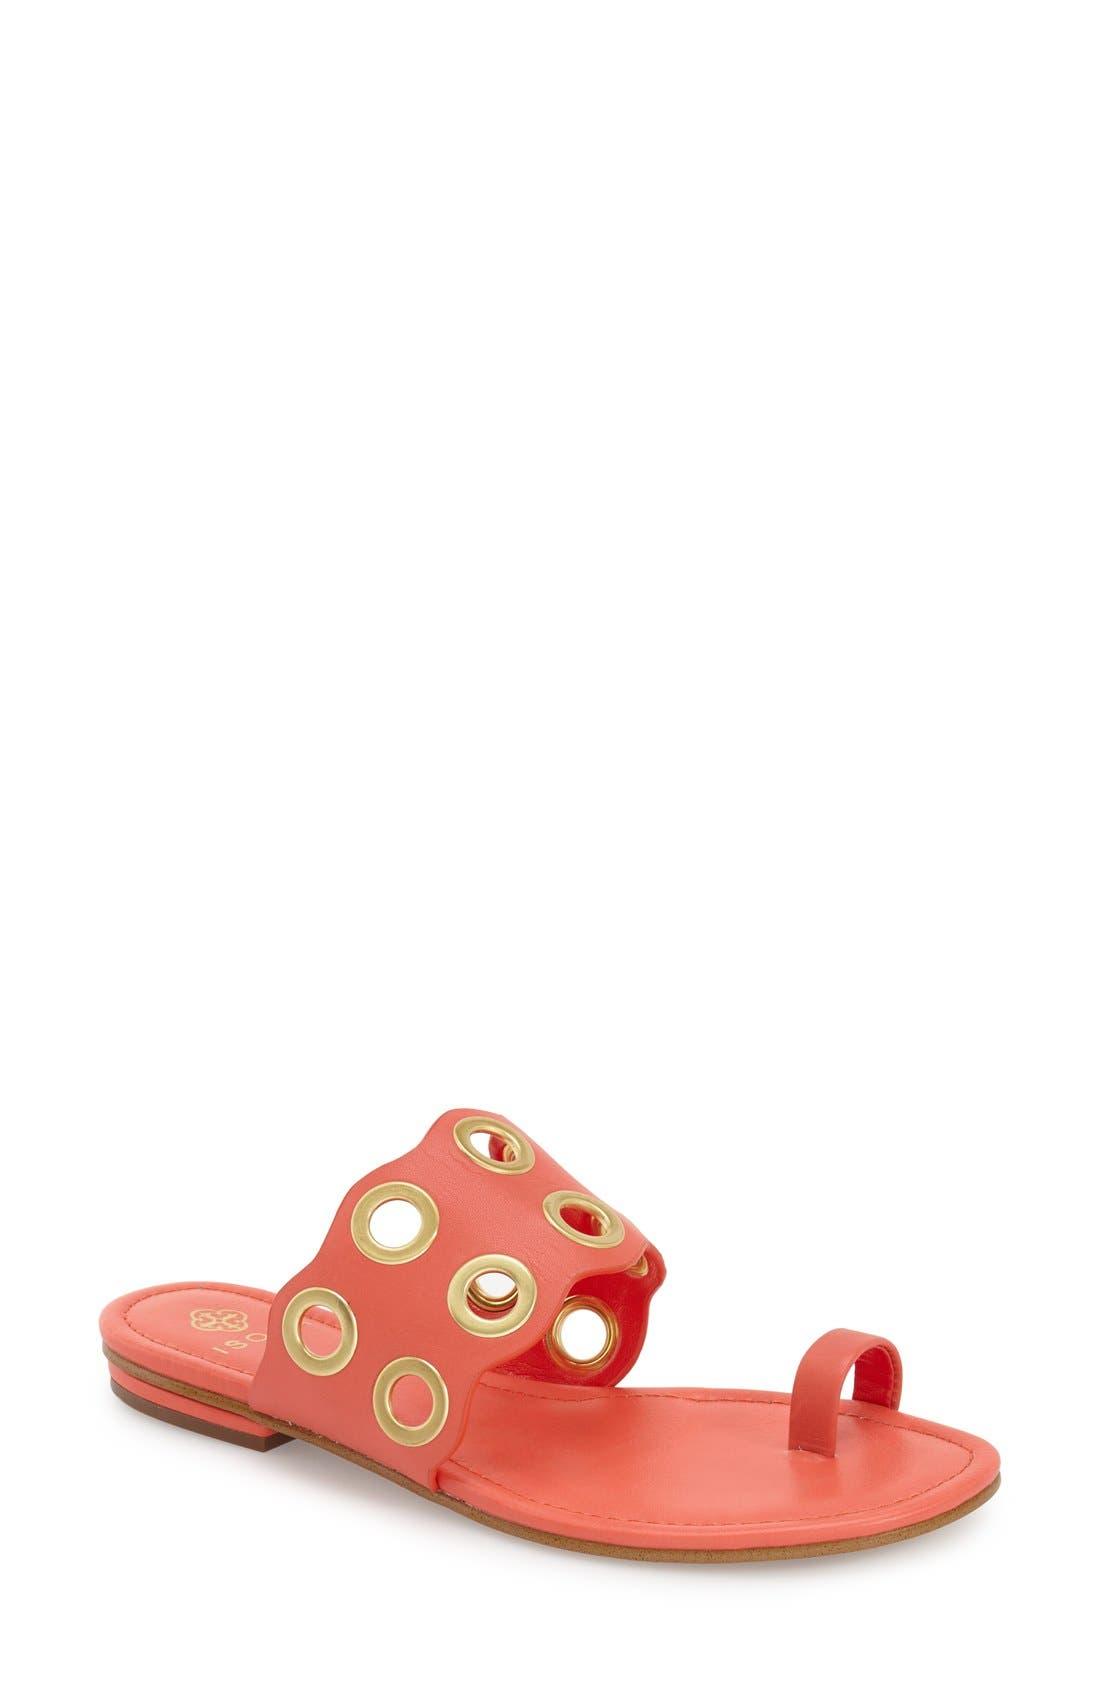 Alternate Image 1 Selected - Isolá 'Milo' Grommet Flat Sandal (Women)